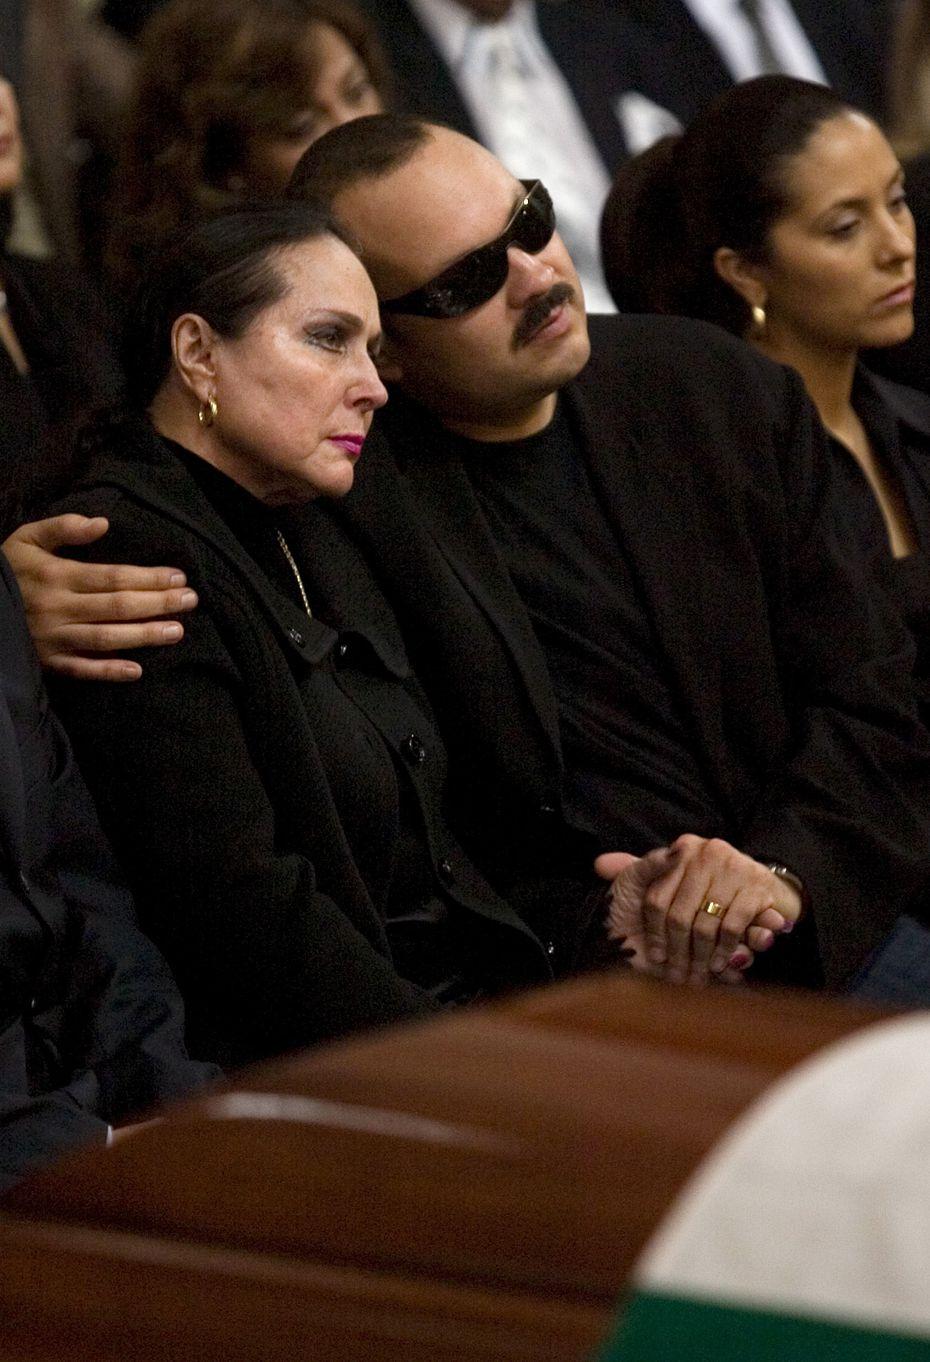 El cantante mexicano Pepe Aguilar, centro, abraza a su madre Flor Silvestre en el funeral de su padre Antonio Aguilar en la catedral de Zacatecas, en Zacatecas, México el 21 de junio de 2007. Flor Silvestre falleció el 25 de noviembre de 2020, informó la Asociación Nacional de Actores de México.